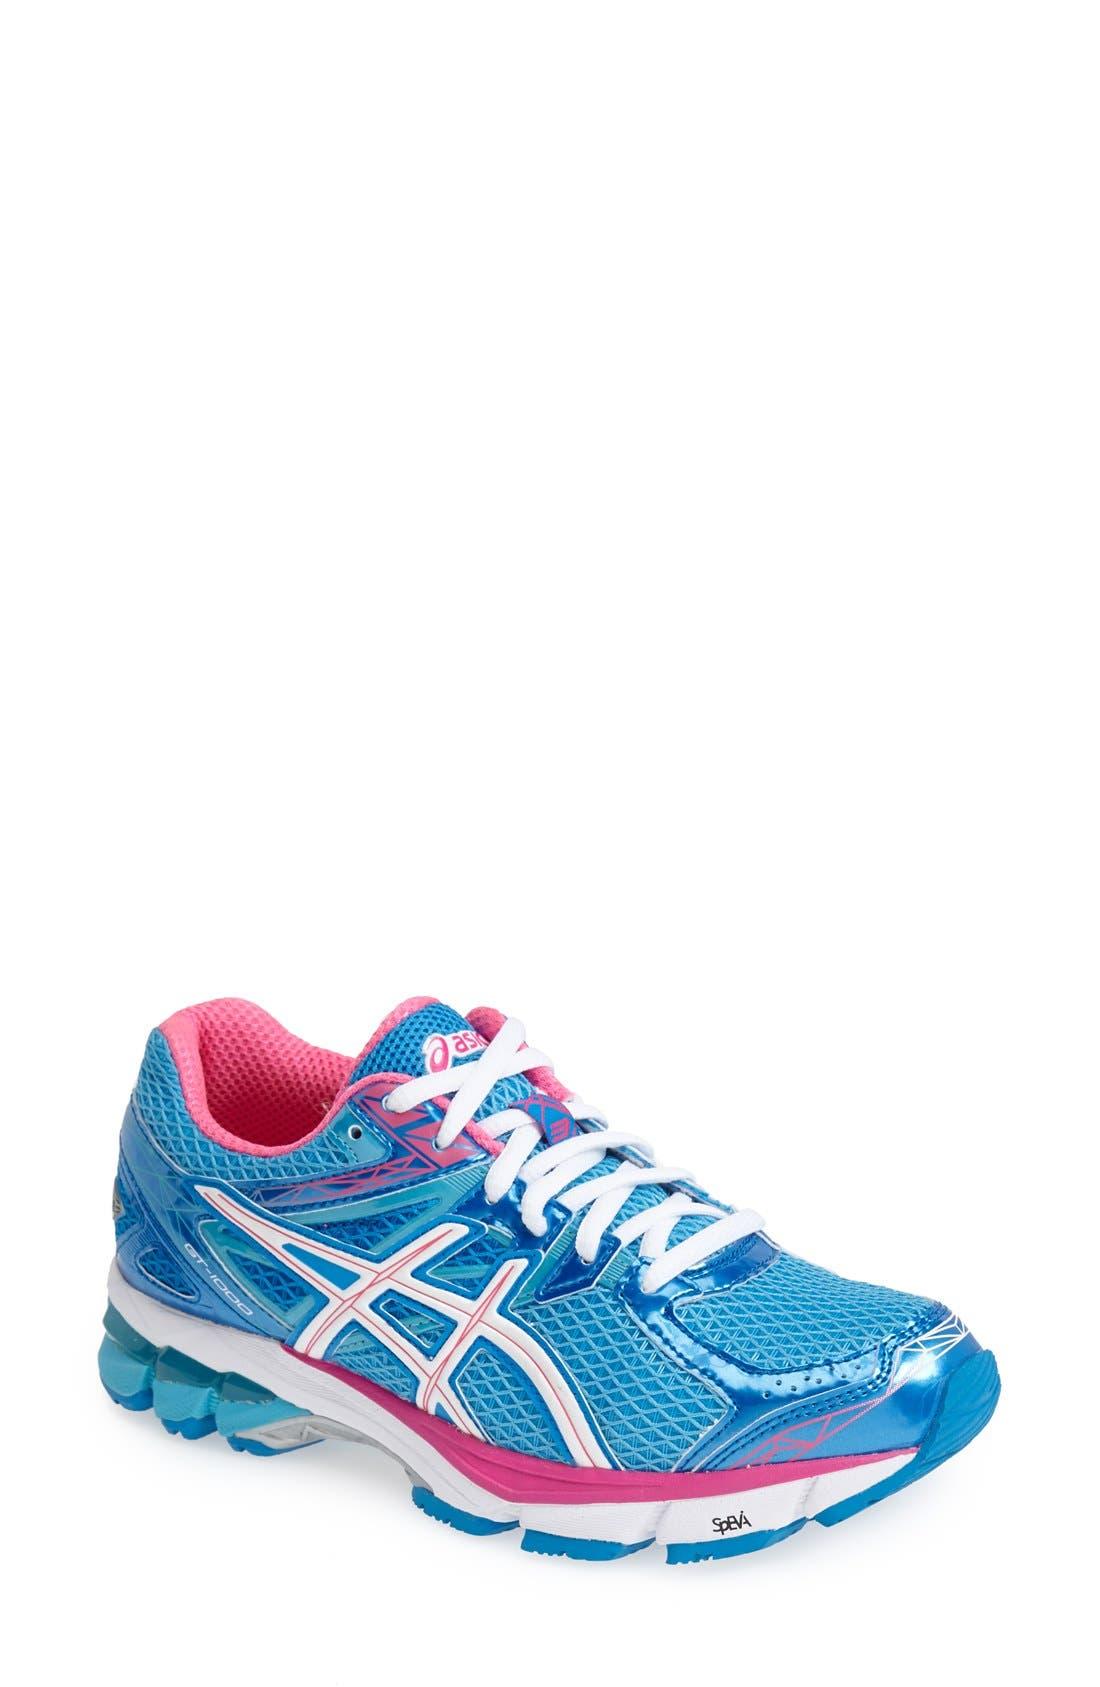 Alternate Image 1 Selected - ASICS® 'GT-1000™ 3' Running Shoe (Women)